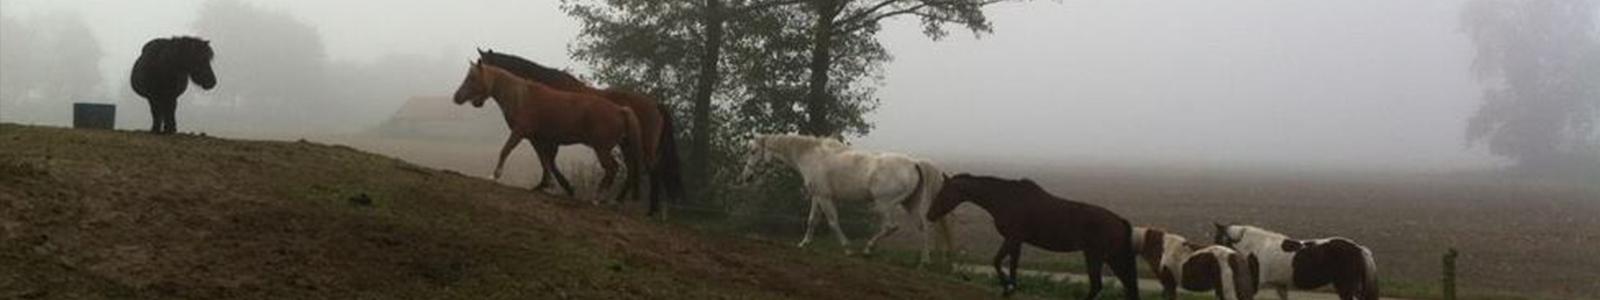 beuken-paarden-4